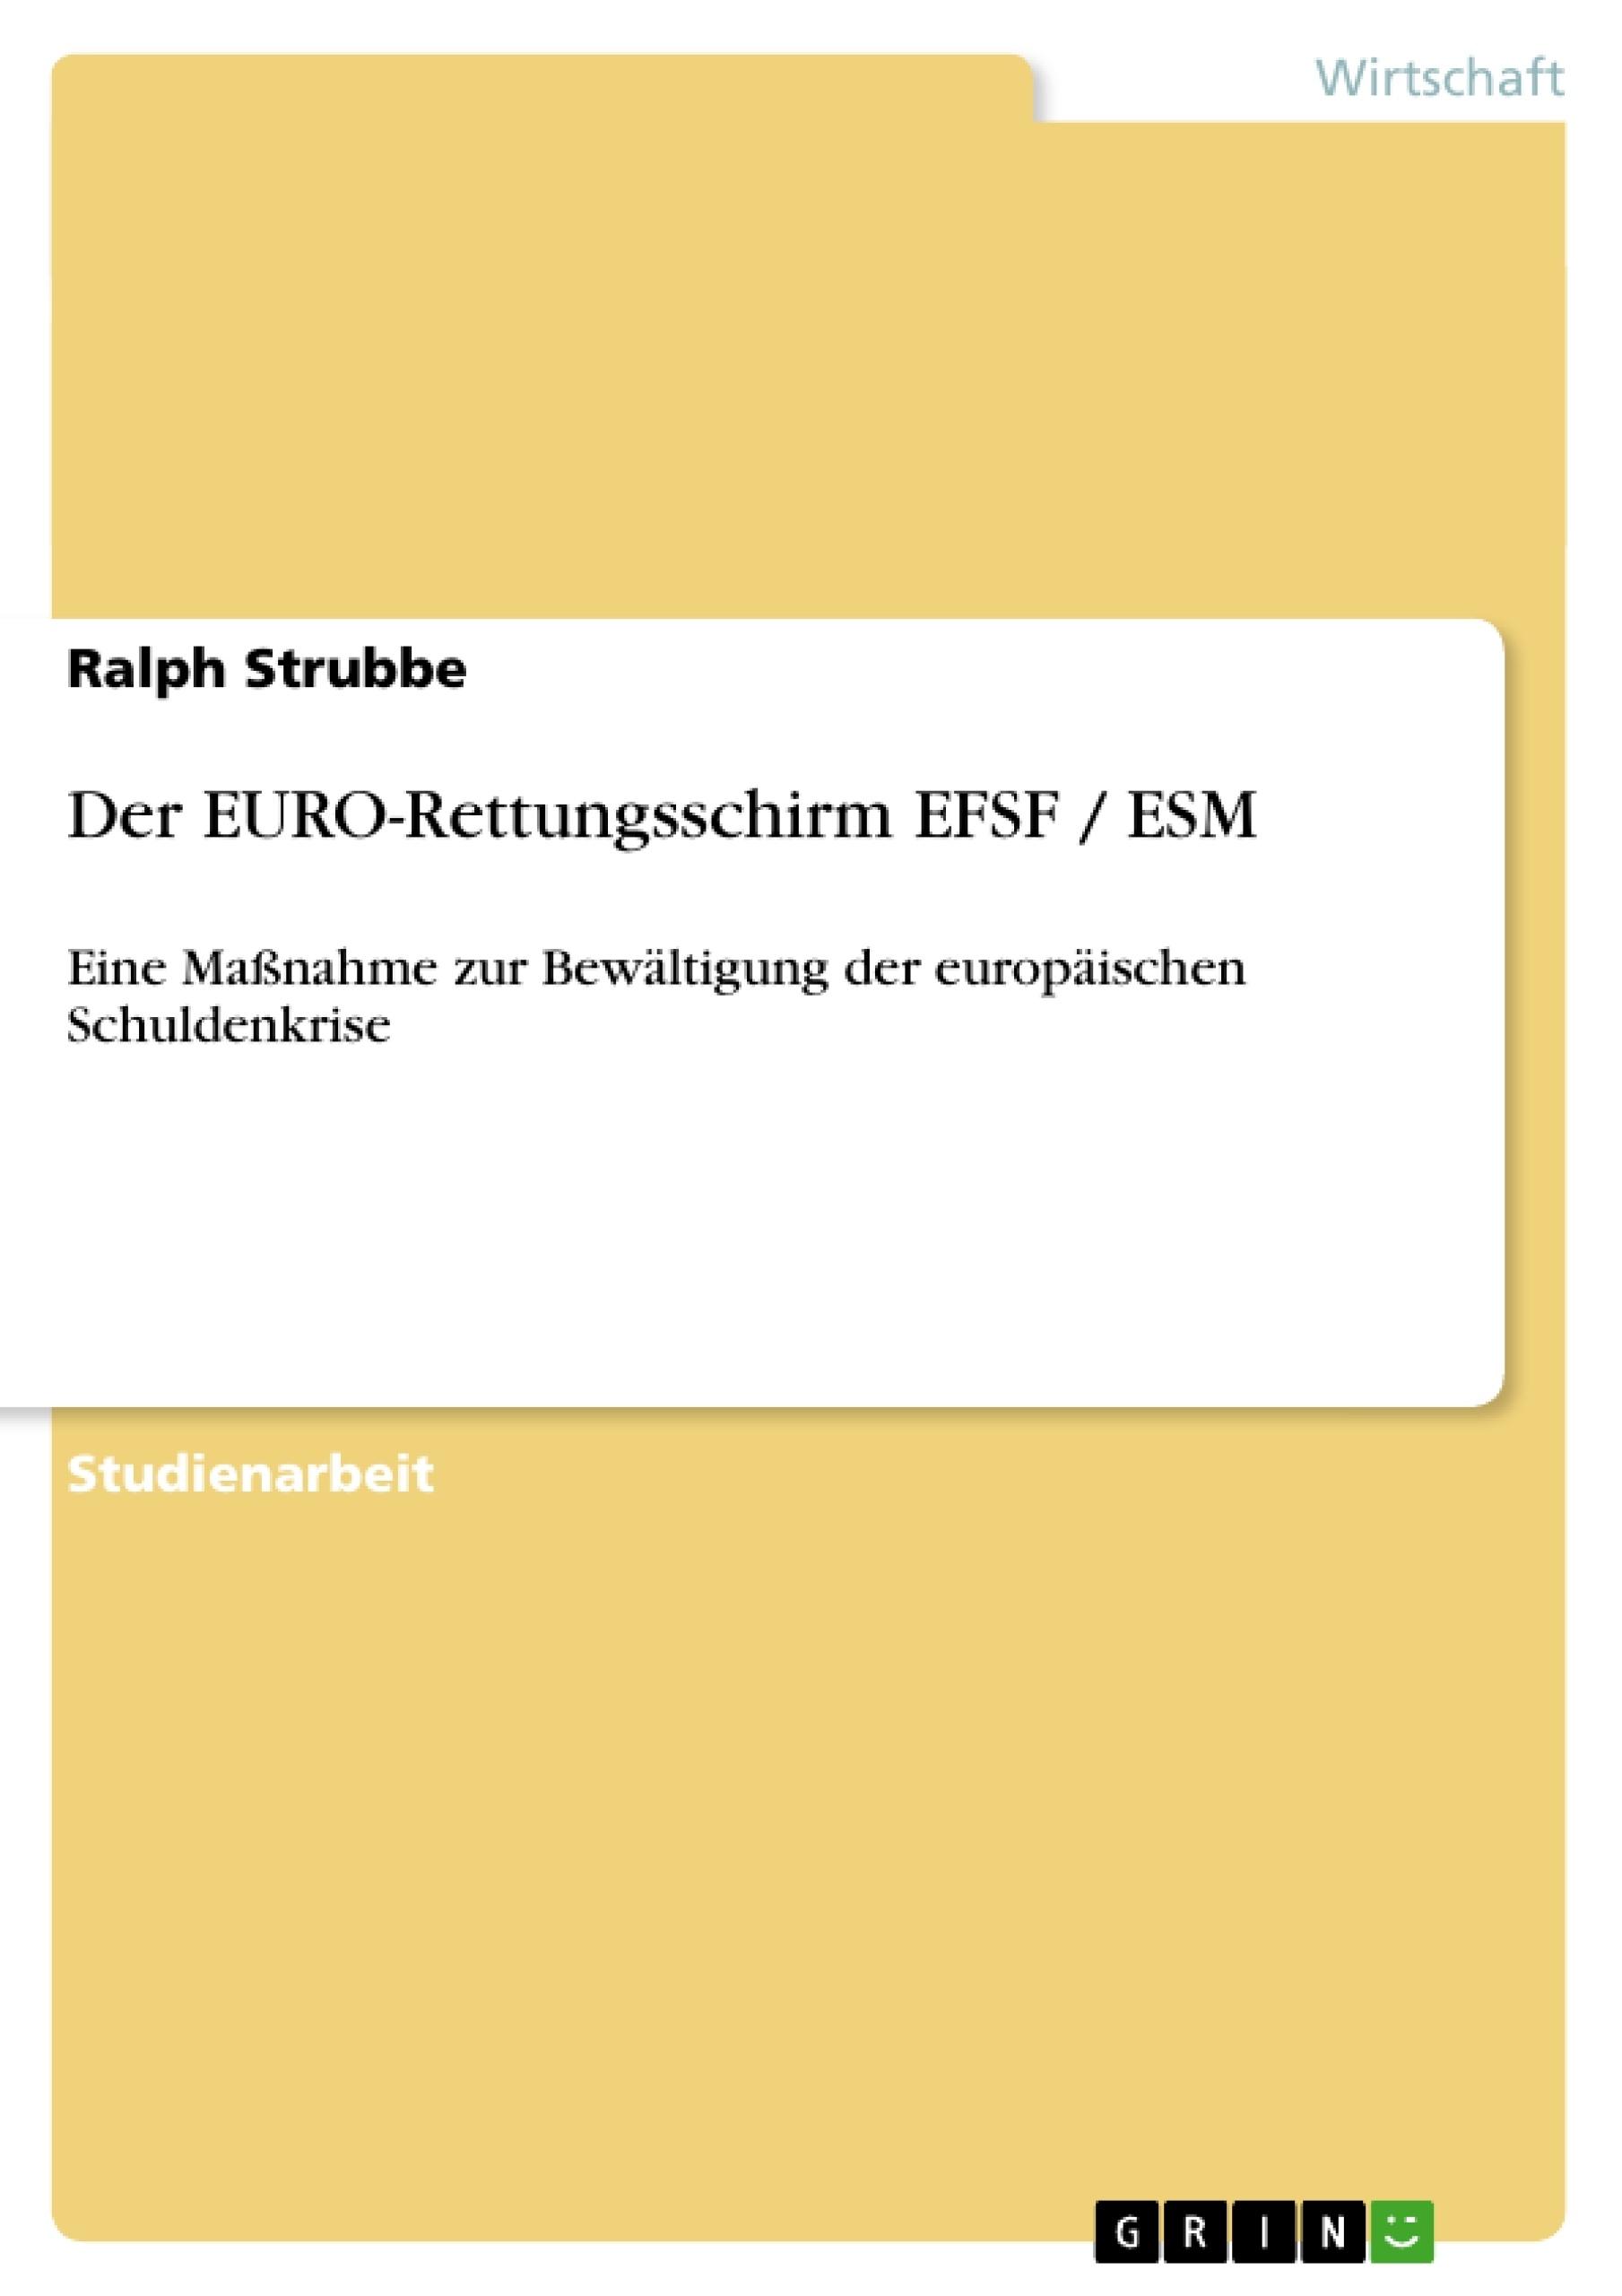 Titel: Der EURO-Rettungsschirm EFSF / ESM